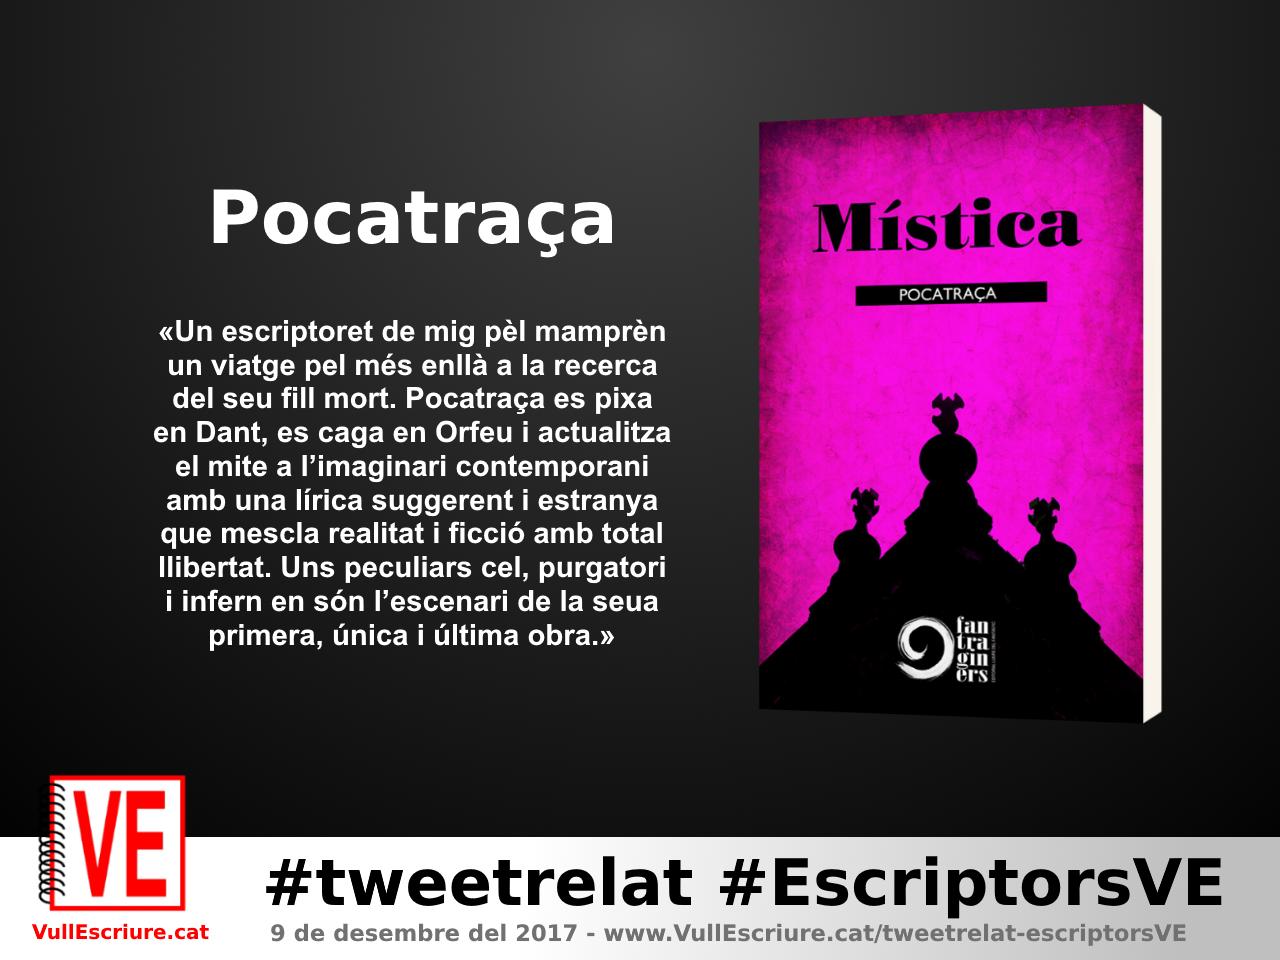 VullEscriure - Marató escriptura #tweetrelat #EscriptorsVE - Pocatraça - Mística